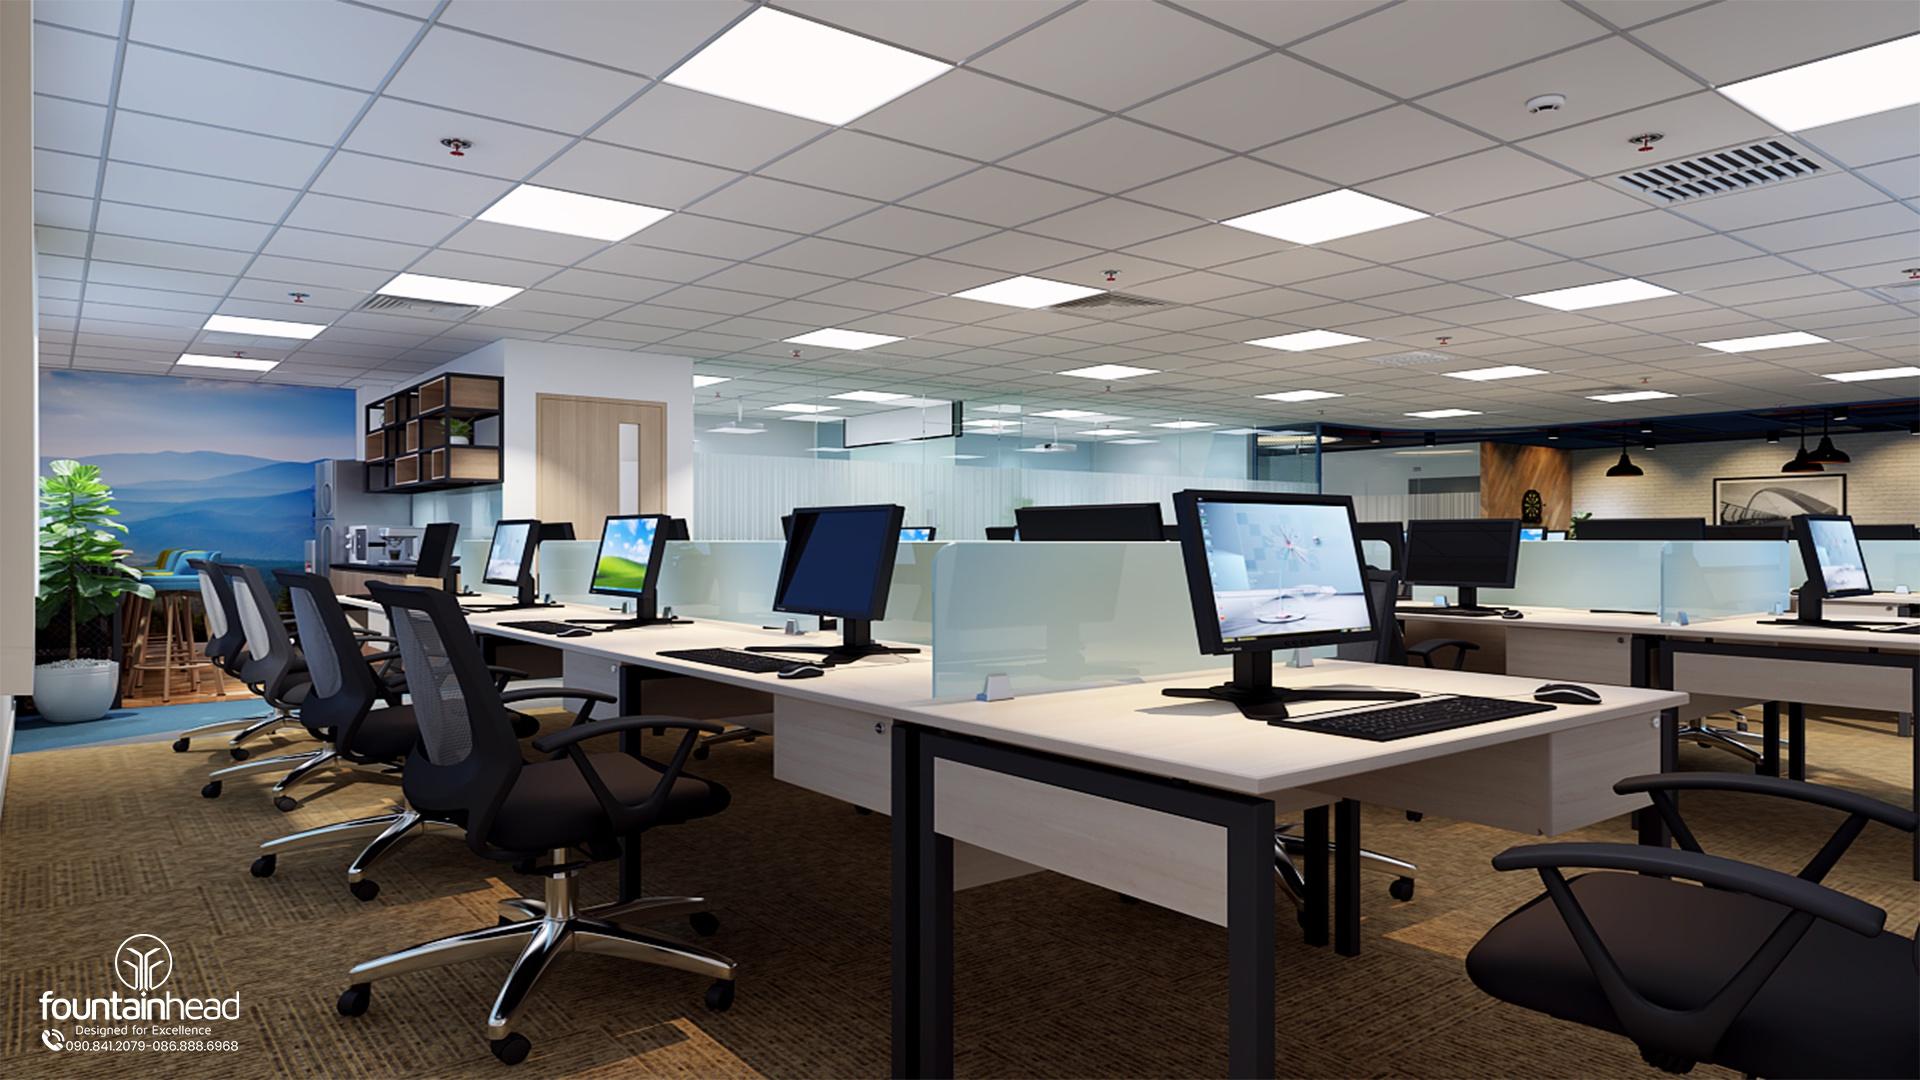 đơn vị thiết kế nội thất văn phòng cao cấp